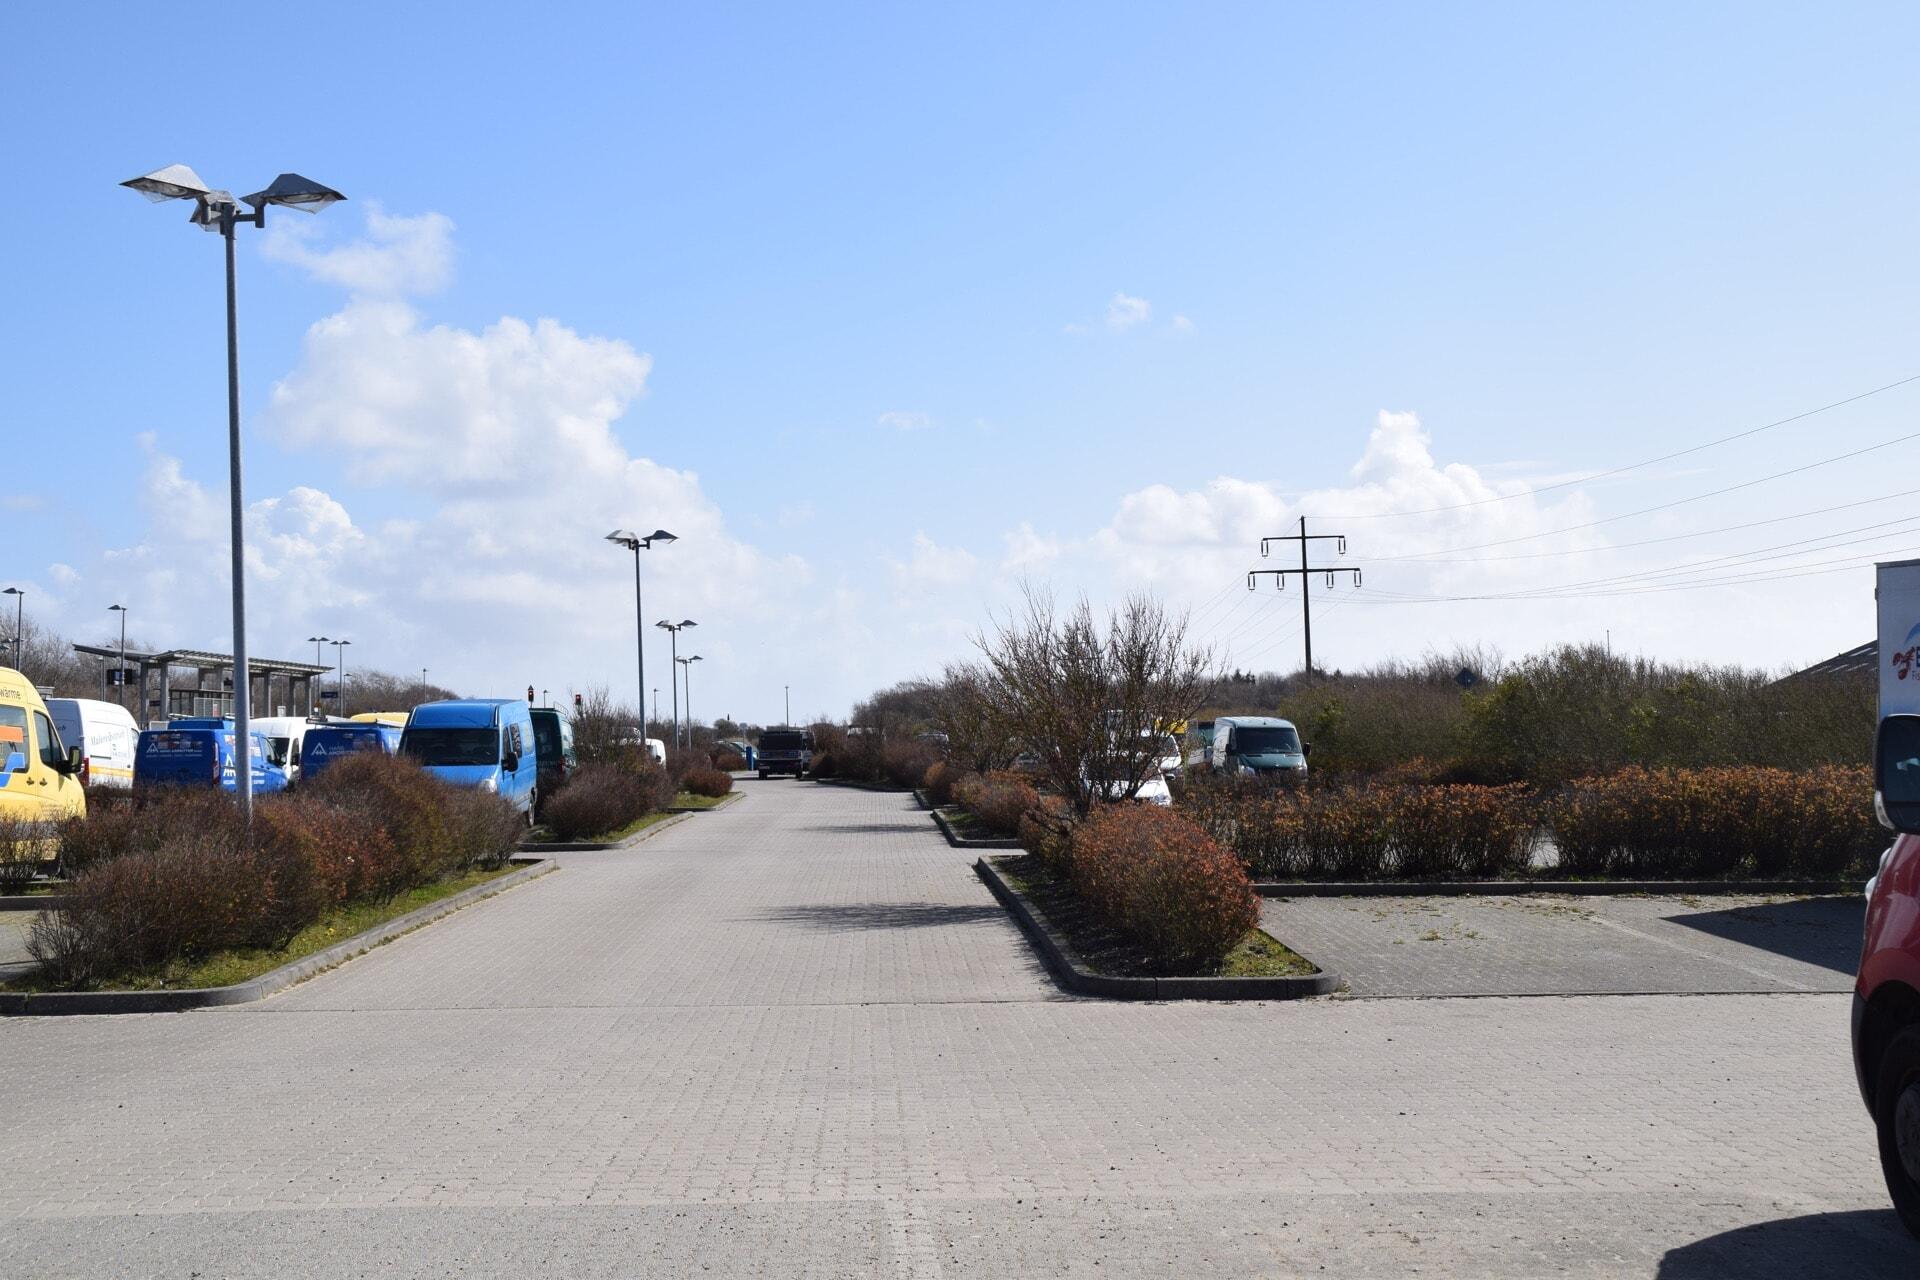 Parkplatz am Keitumer Bahnhof